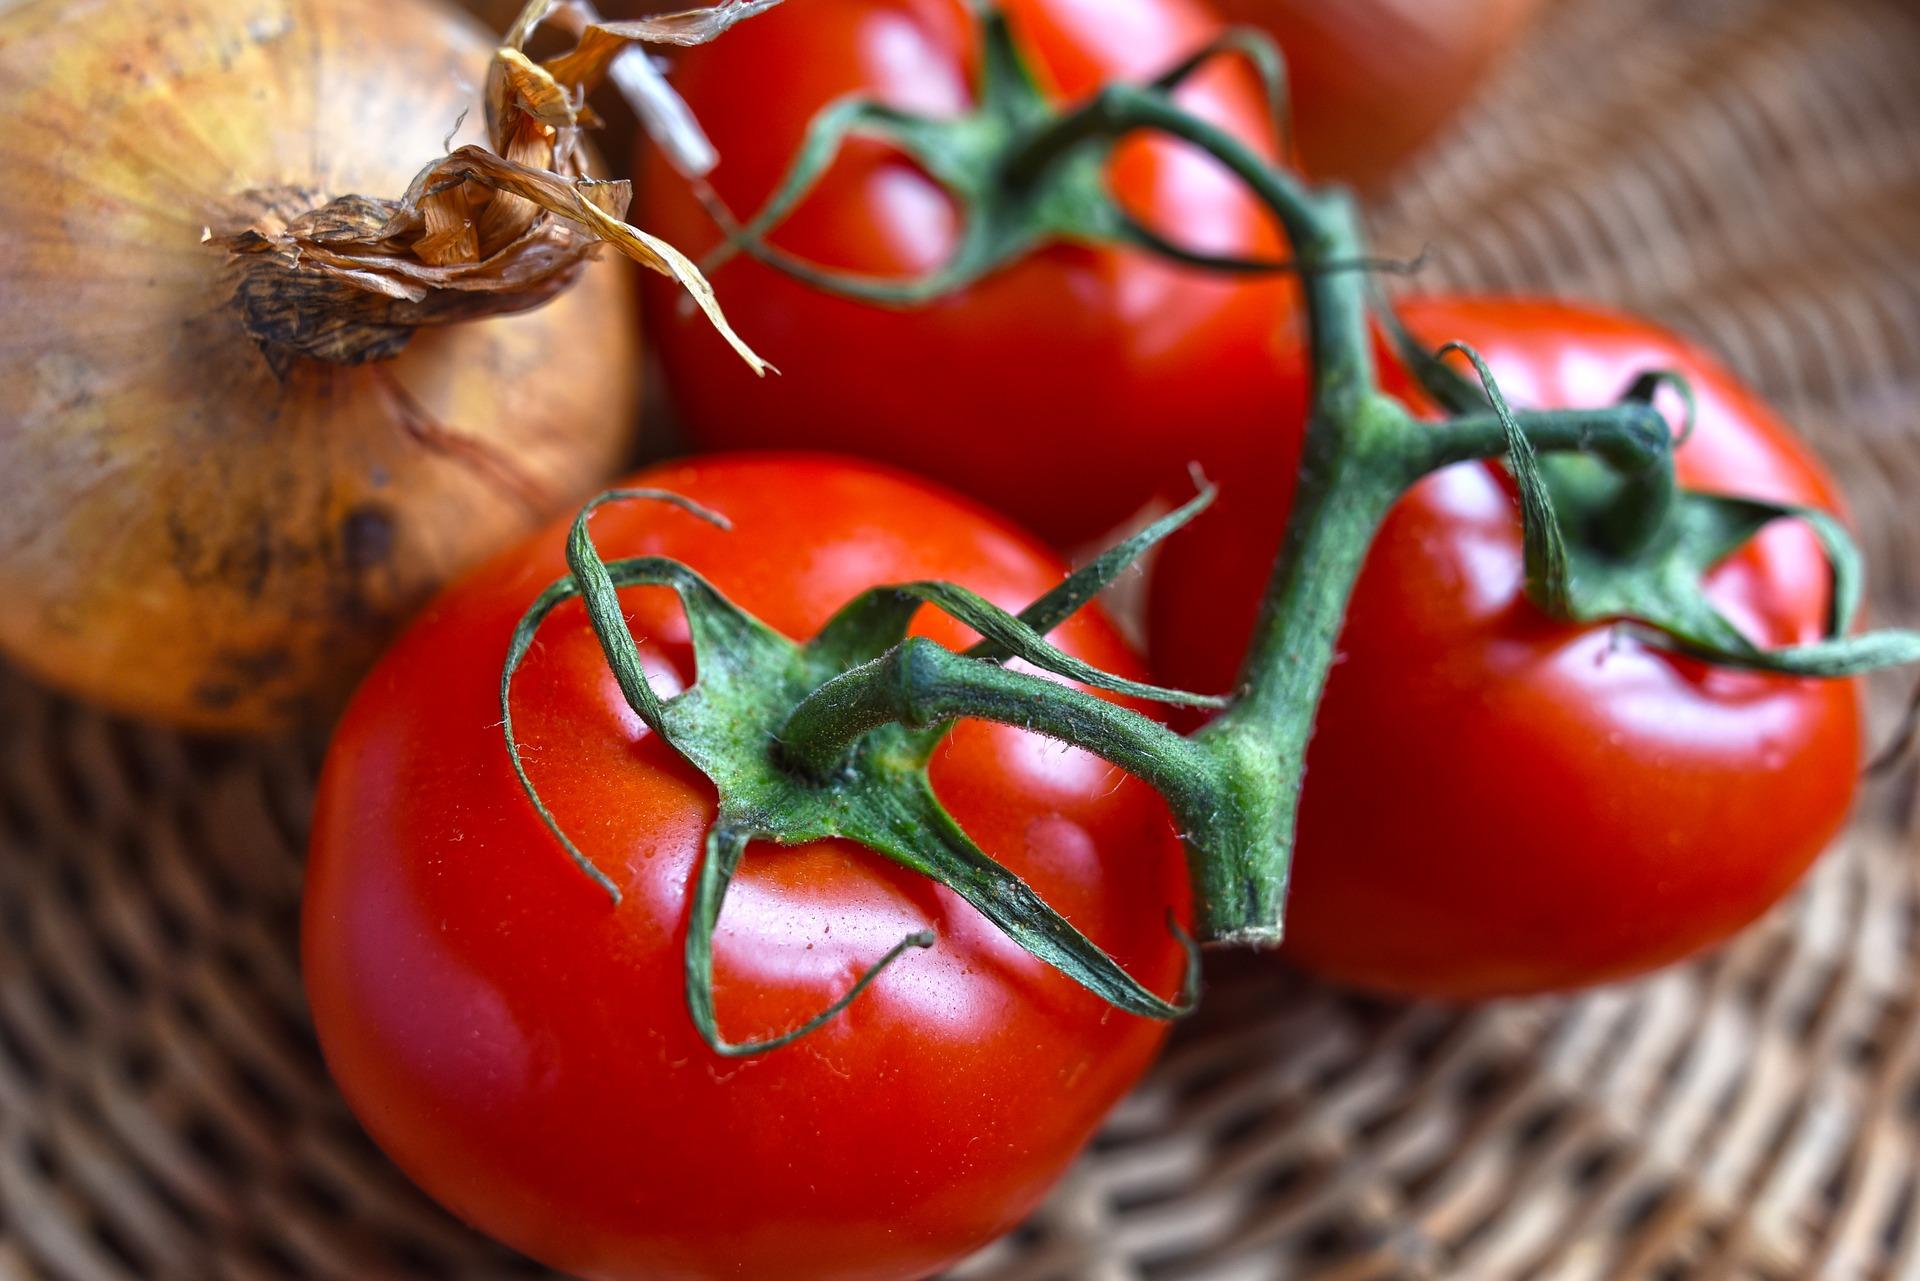 Heirloom tomatoes - St. Clare Heirloom Seeds